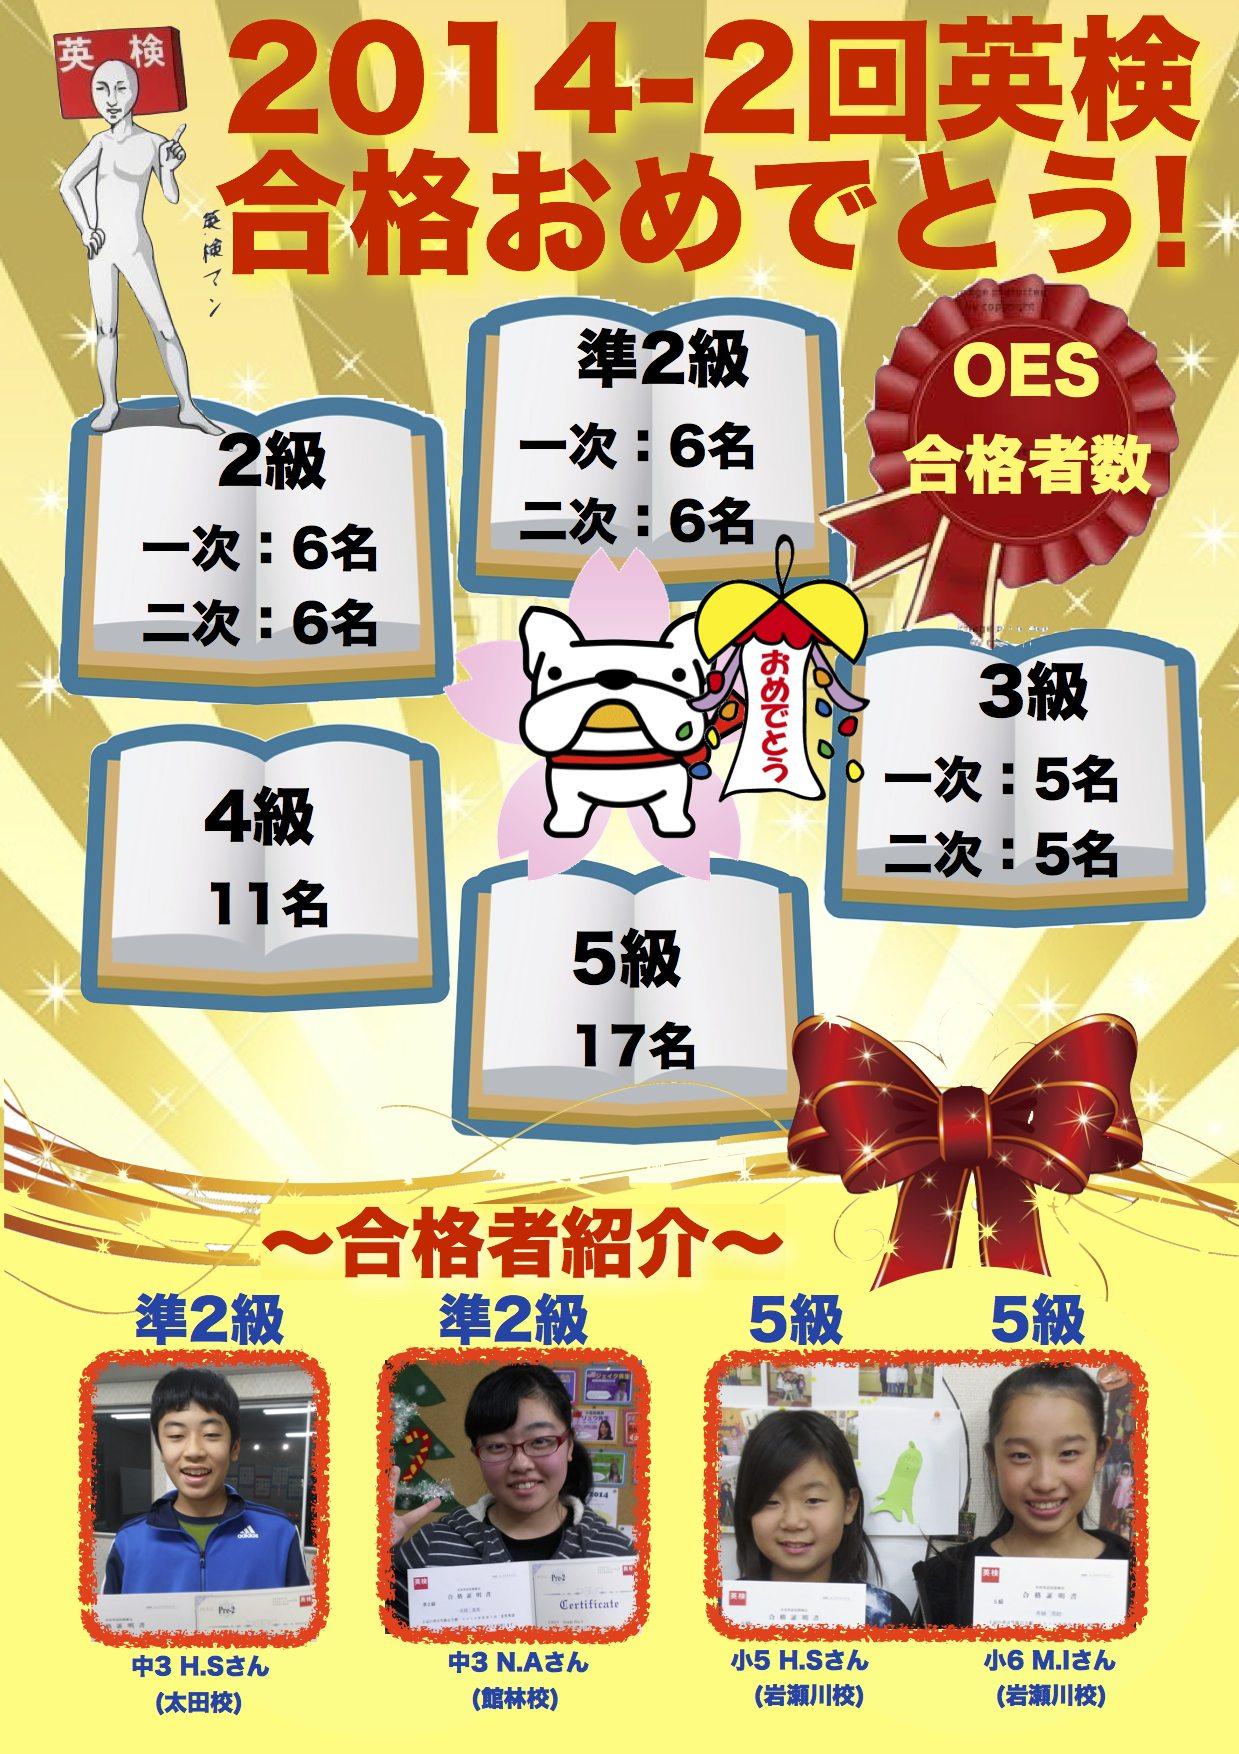 2014-2回英検合格ポスター OTA1 TES1 IW2 WEB用